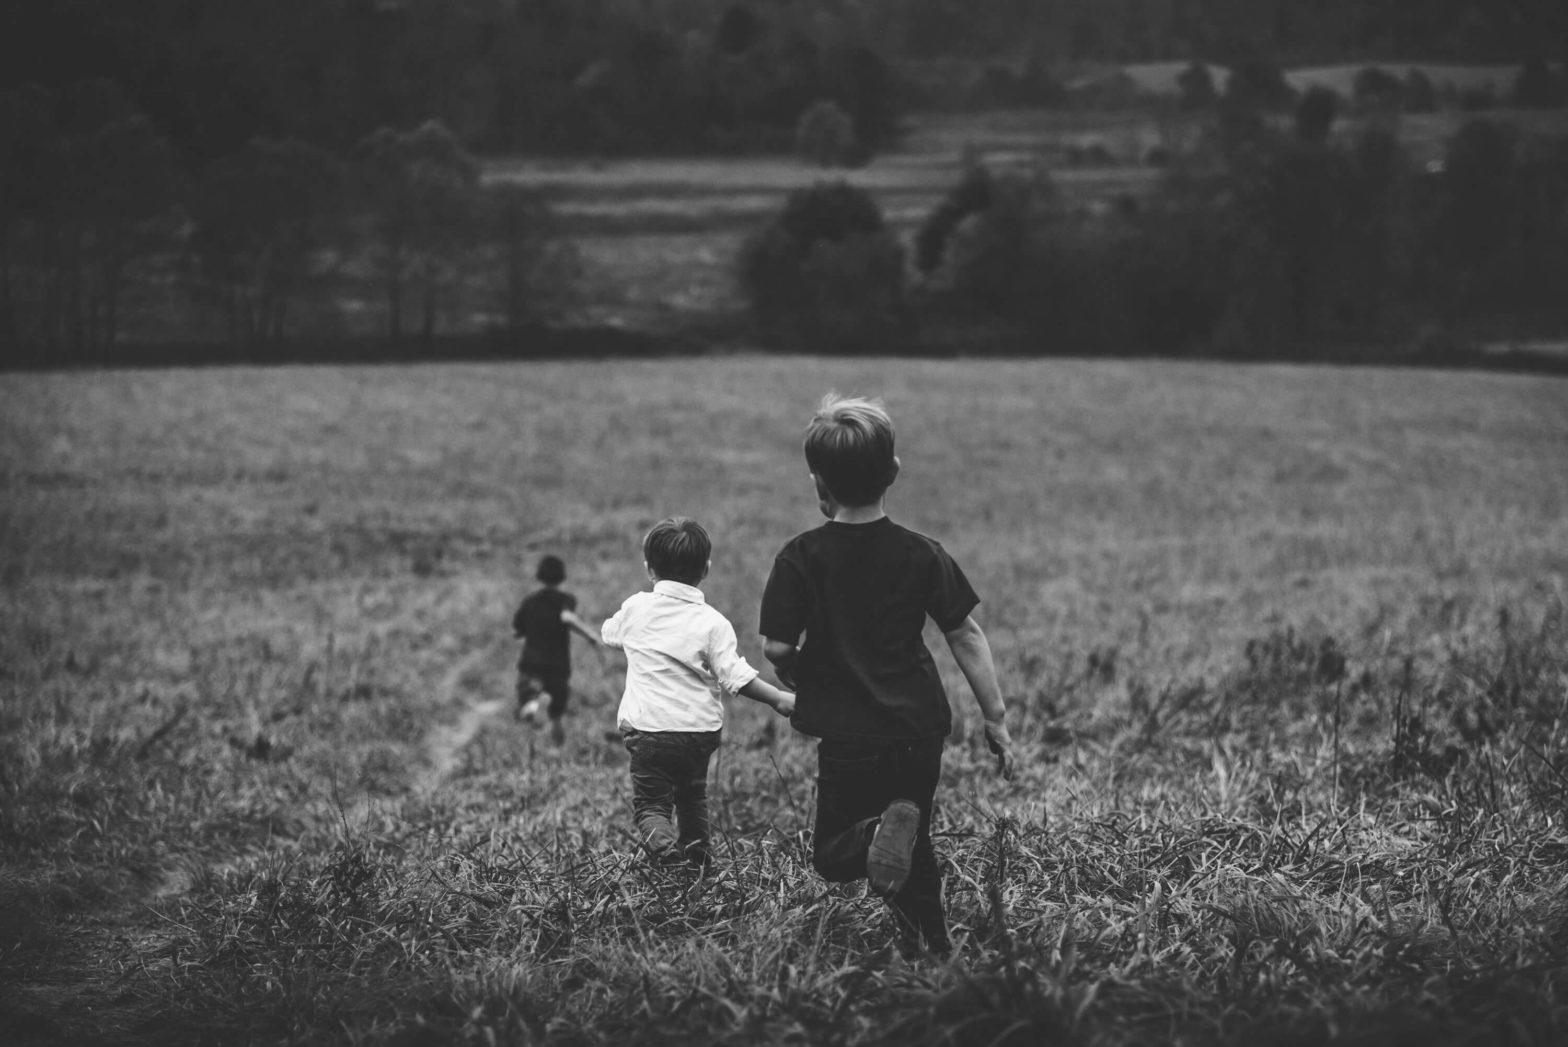 Children playing in fields in summer